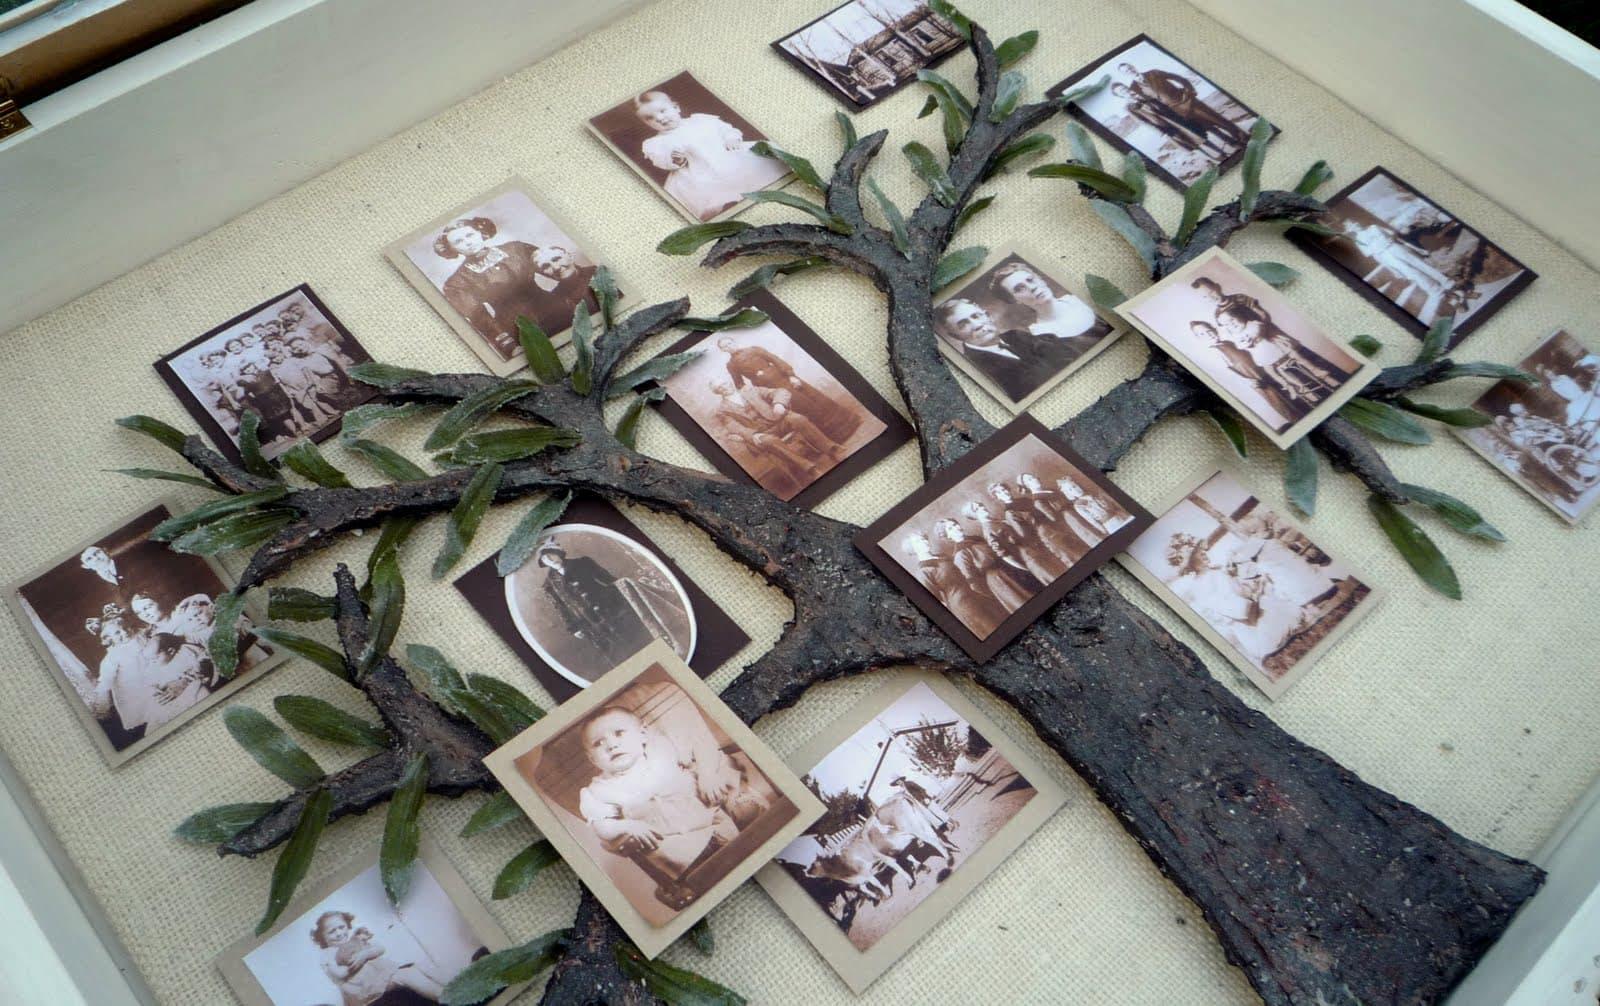 своими руками свою жизнь из фотографий цветов различных растений